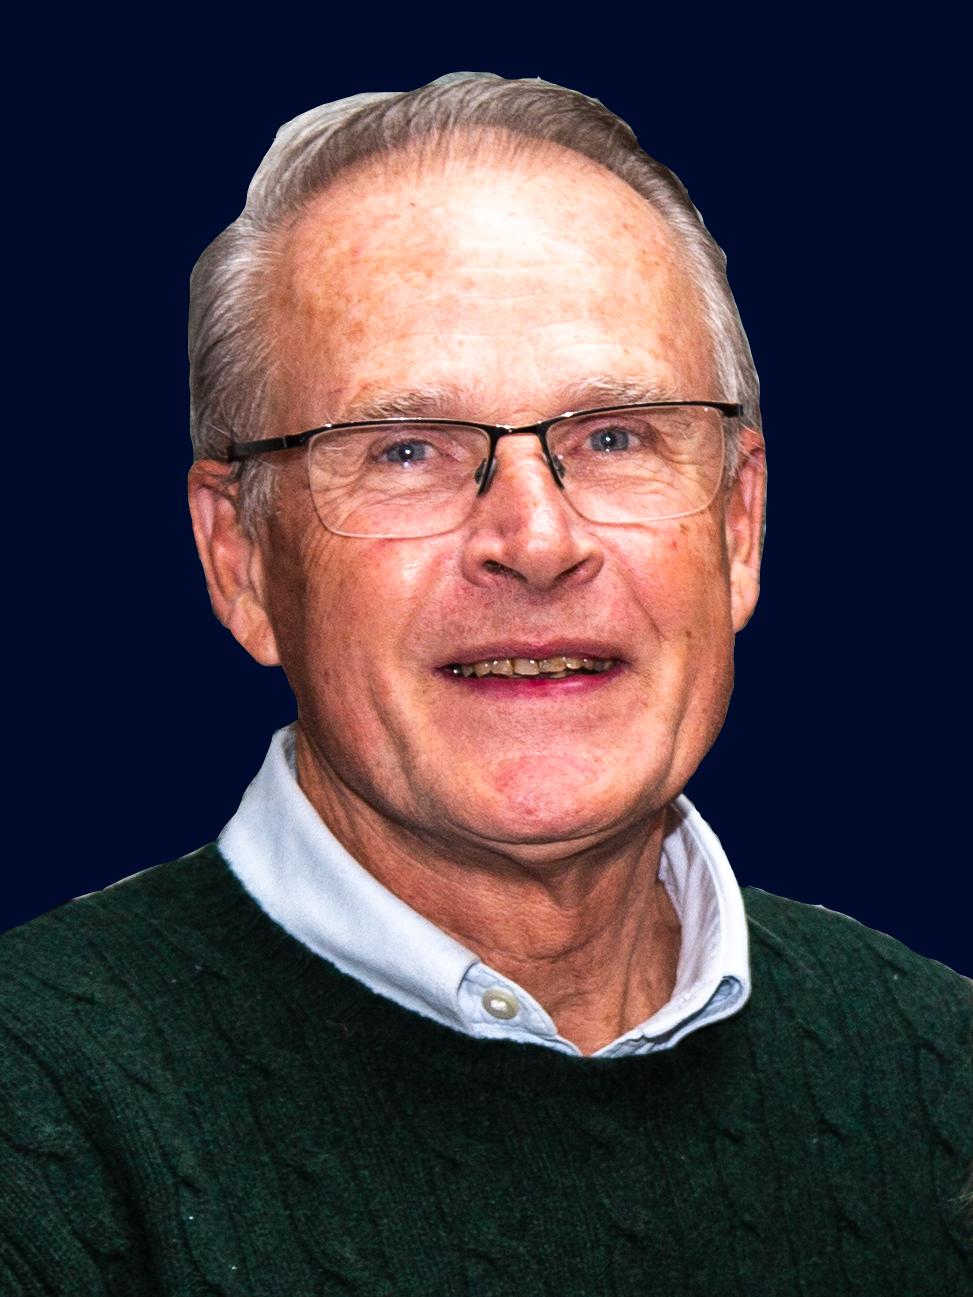 Arne Bernroth